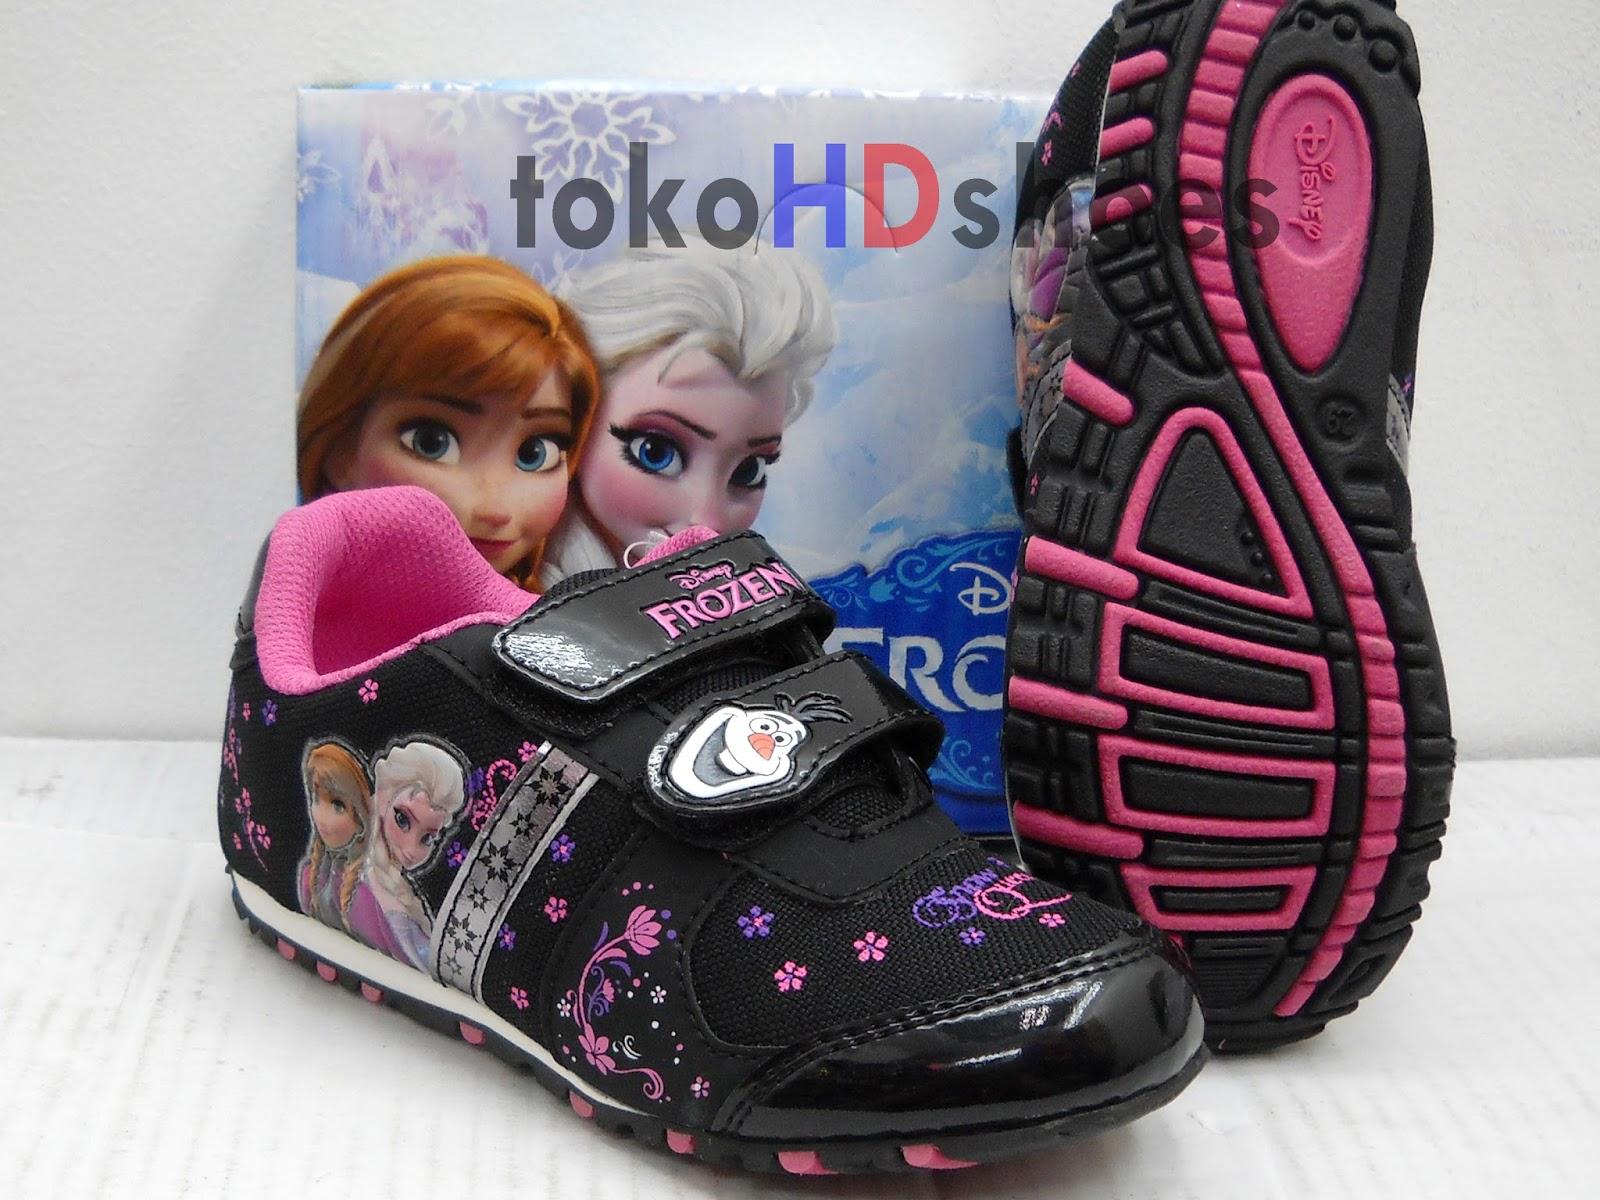 Sepatuanak Anaklucu 15 Model Sepatu Frozen Anak Warna Pink Perempuan Gambar